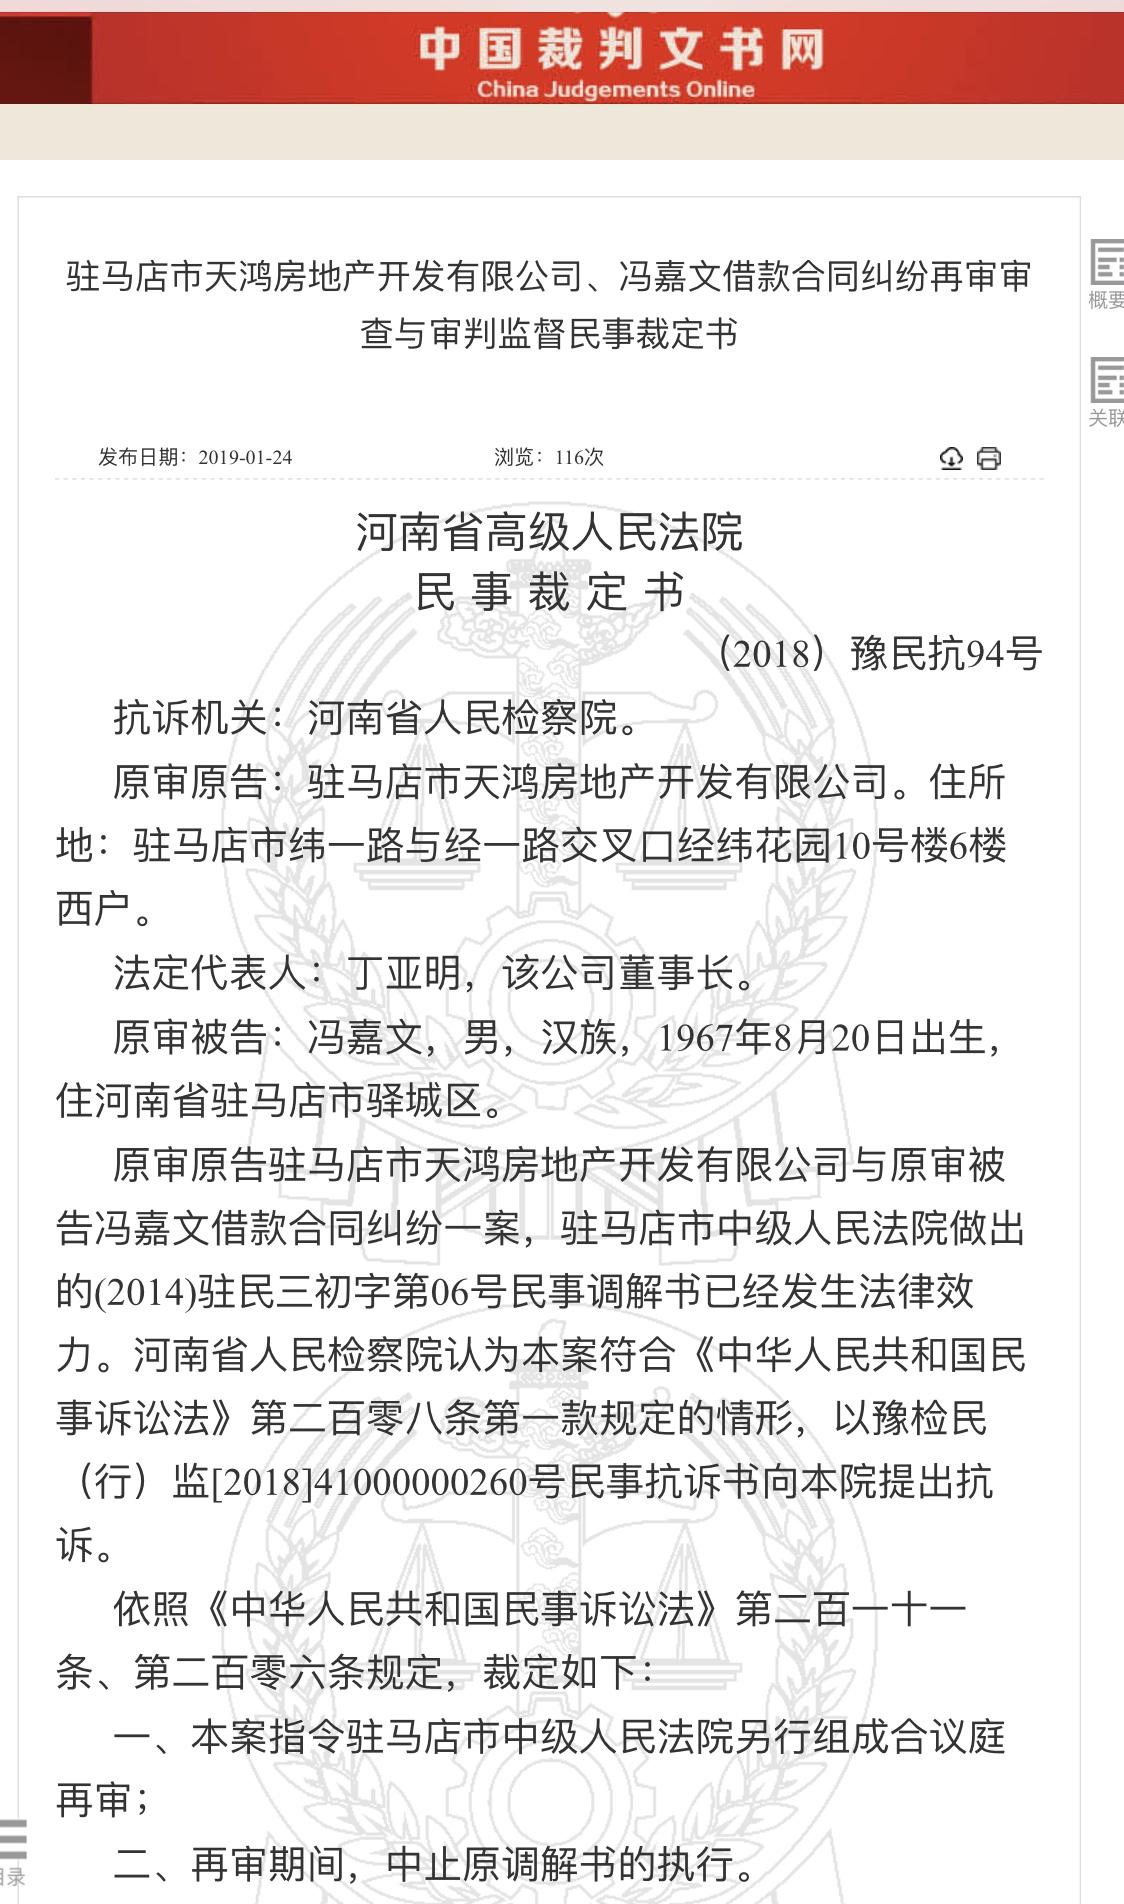 河南商人虛假訴訟被判詐騙罪,檢方抗訴后涉案文書仍執行